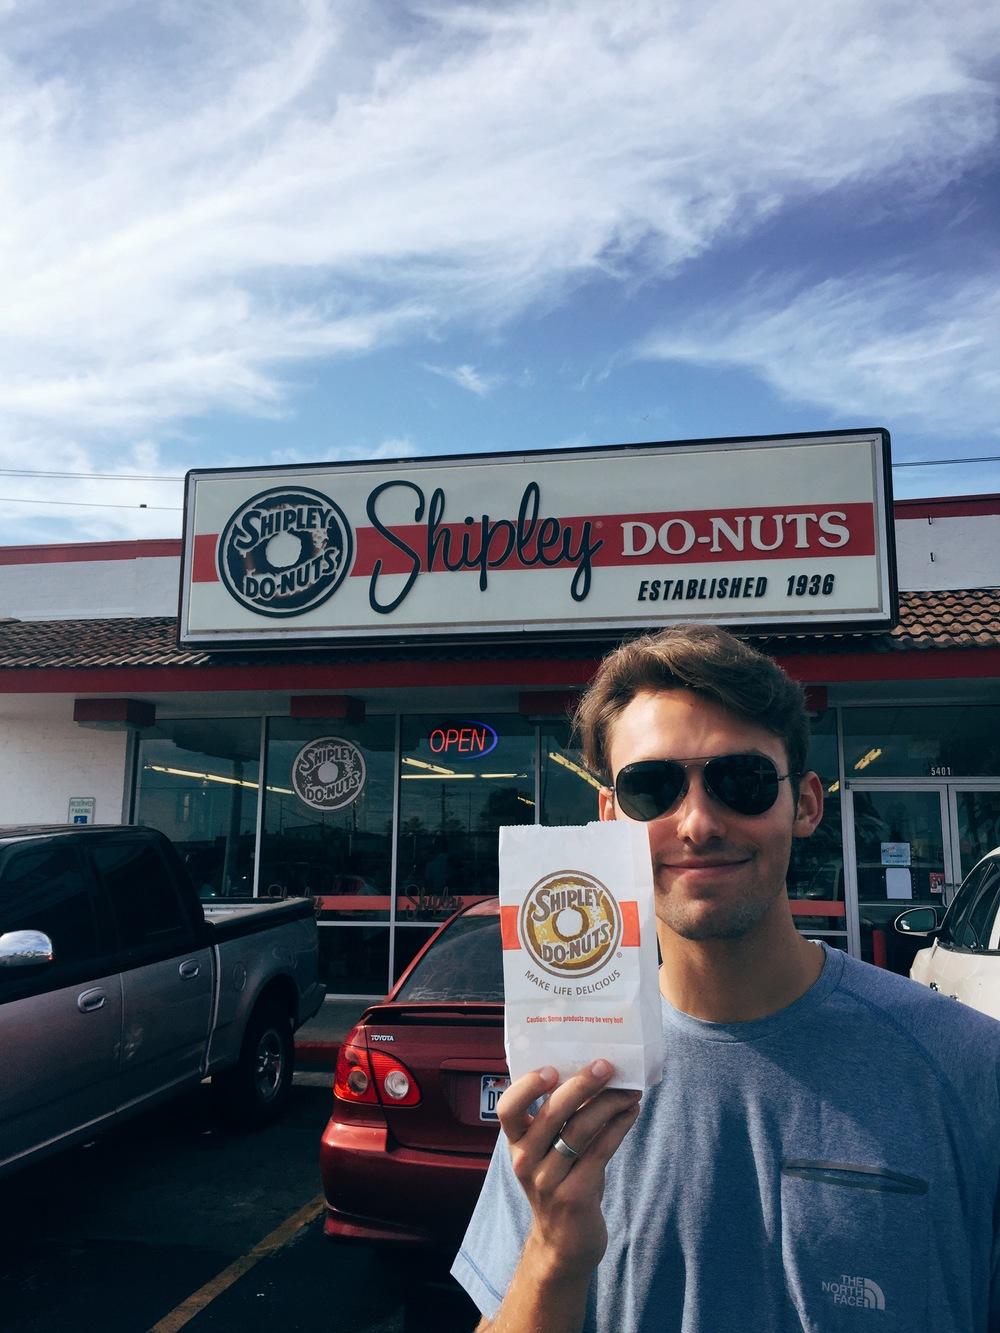 Hunter enjoying his donut